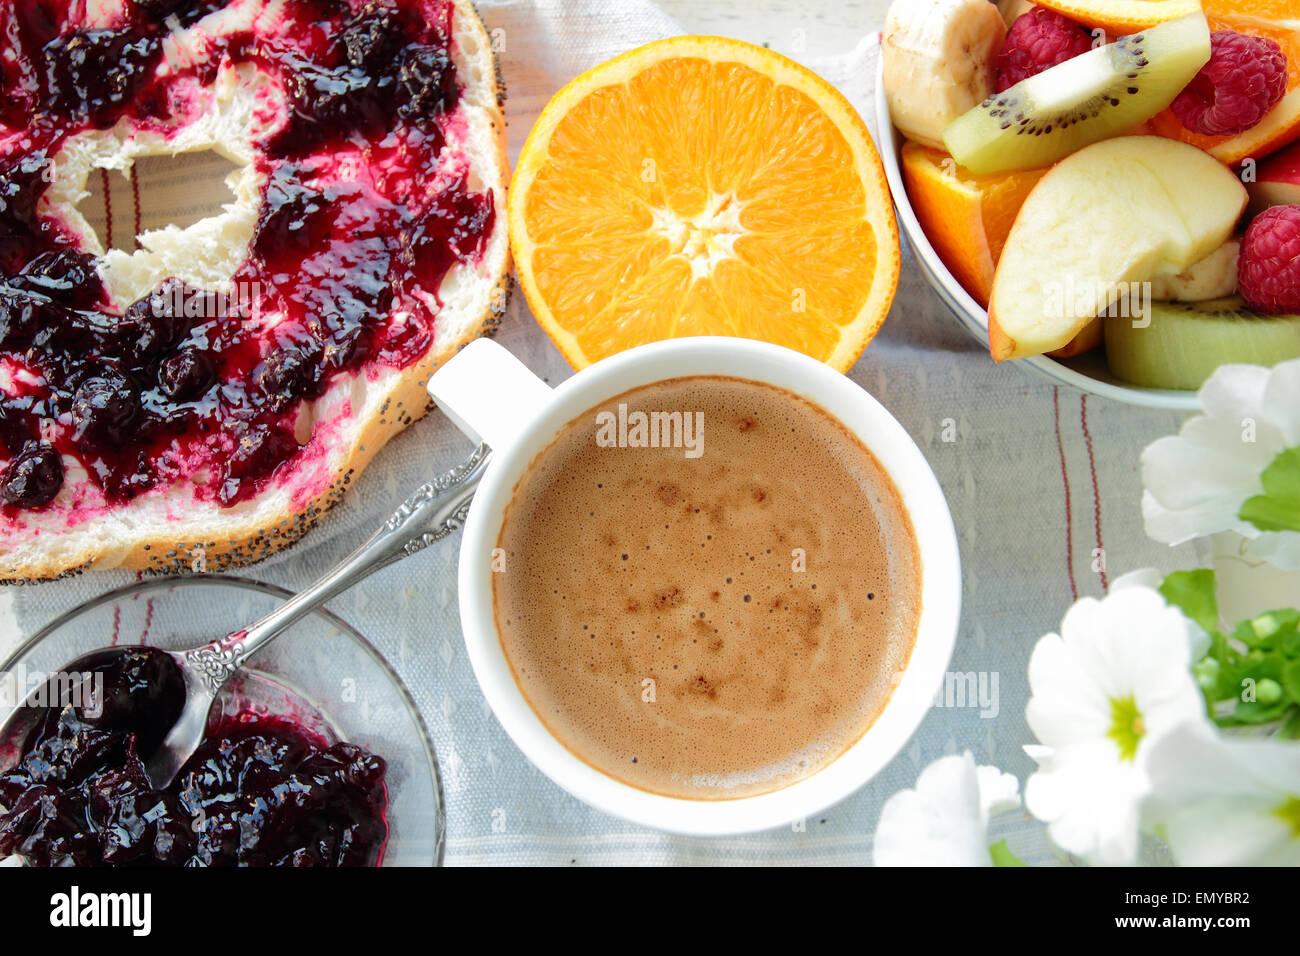 Frühstück mit Brot mit Johannisbeeren Marmelade, Kaffee und Obst Stockbild